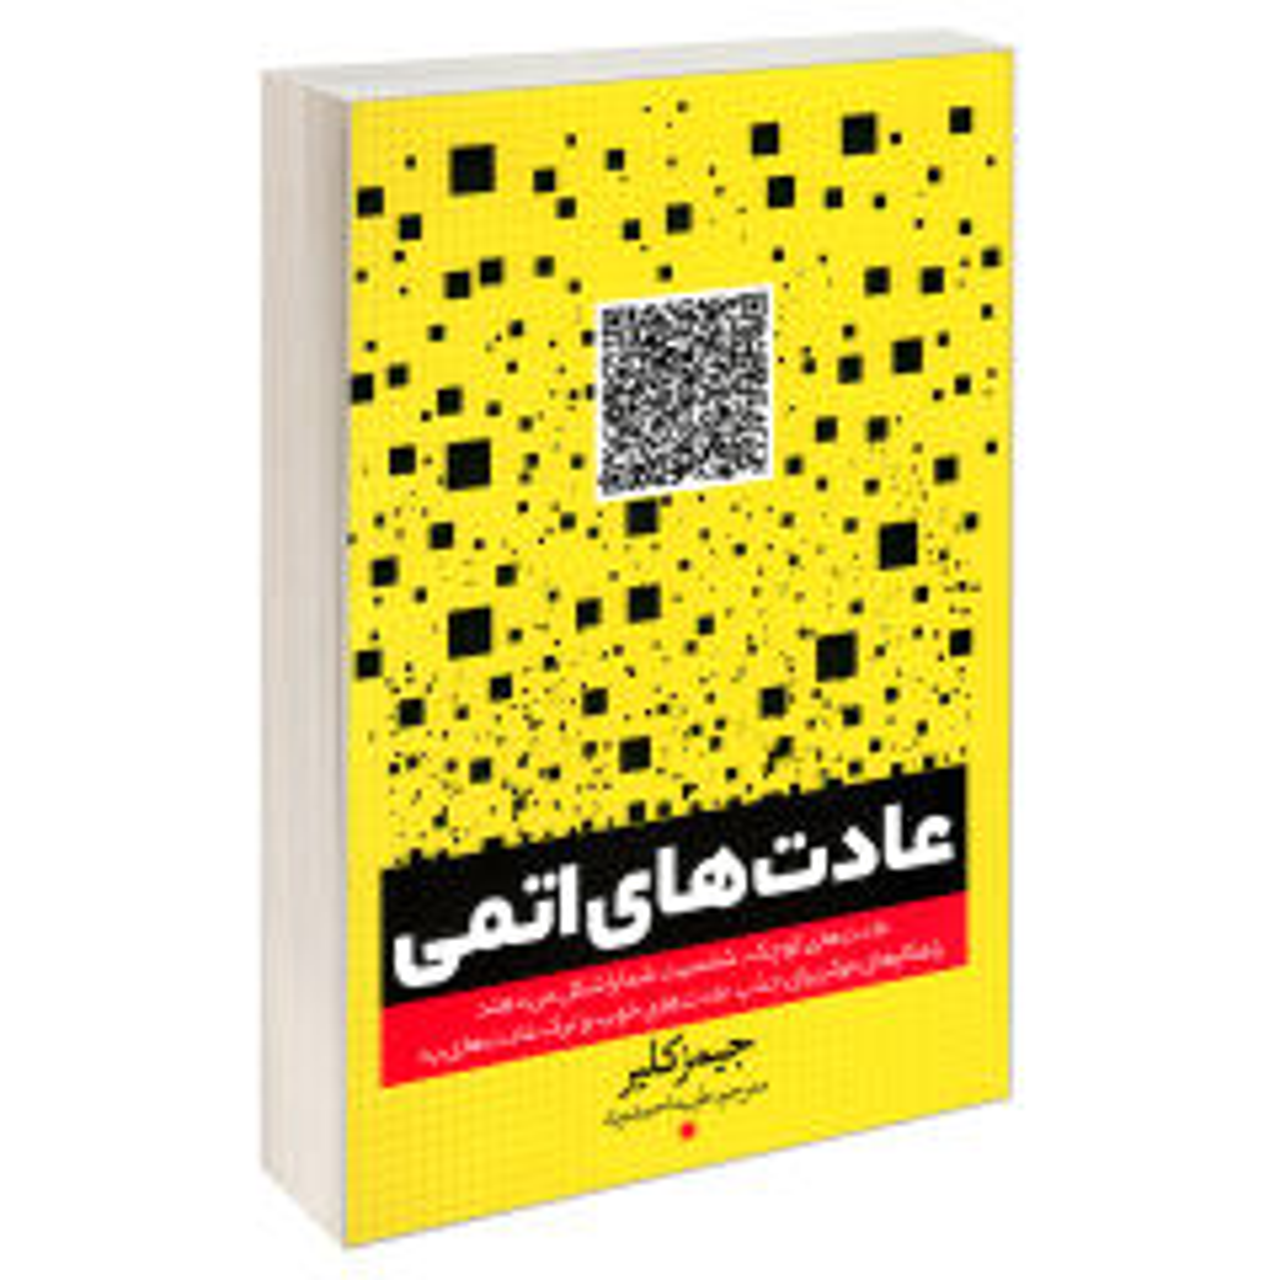 کتاب عادت های اتمی اثر جیمز کلیر انتشارات یوشیتا